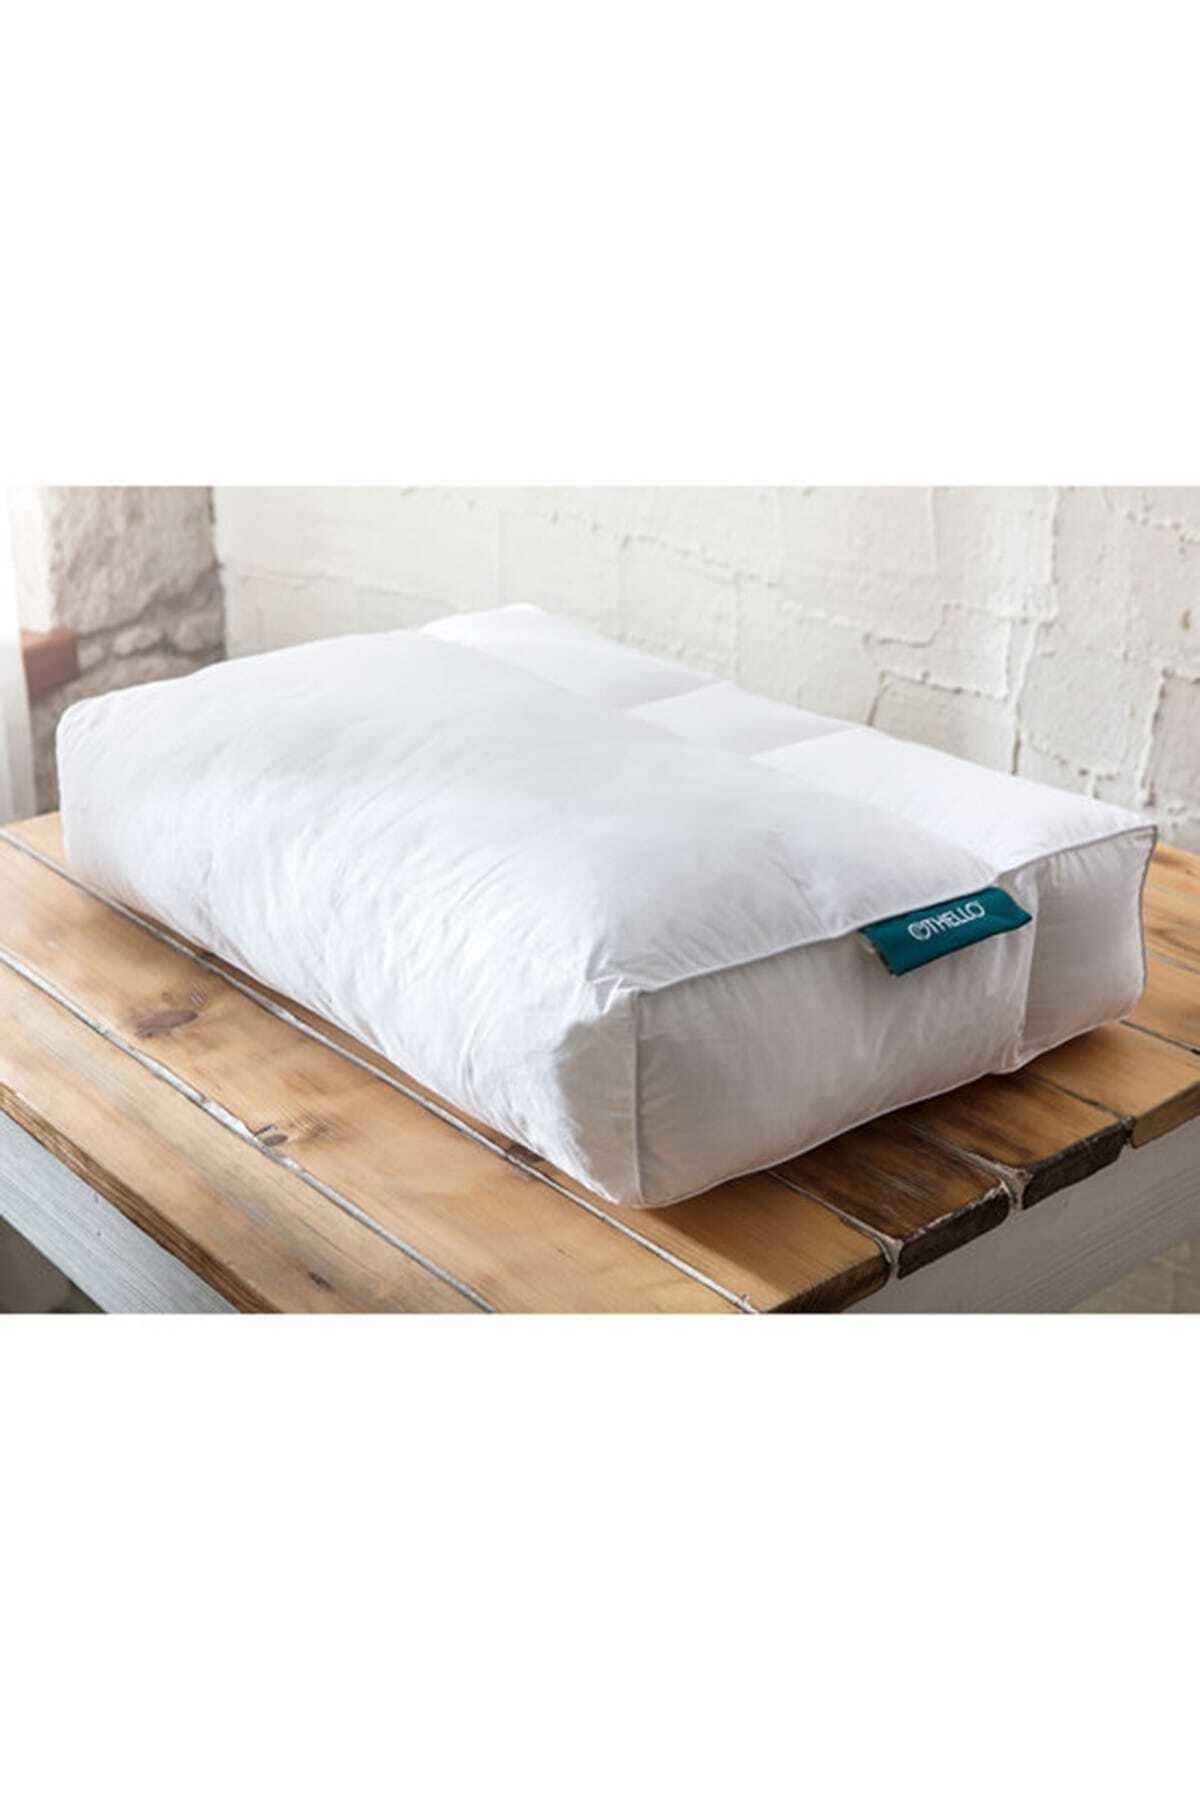 OTHELLO Beyaz Medica Promed Yastık 60x40/12 1